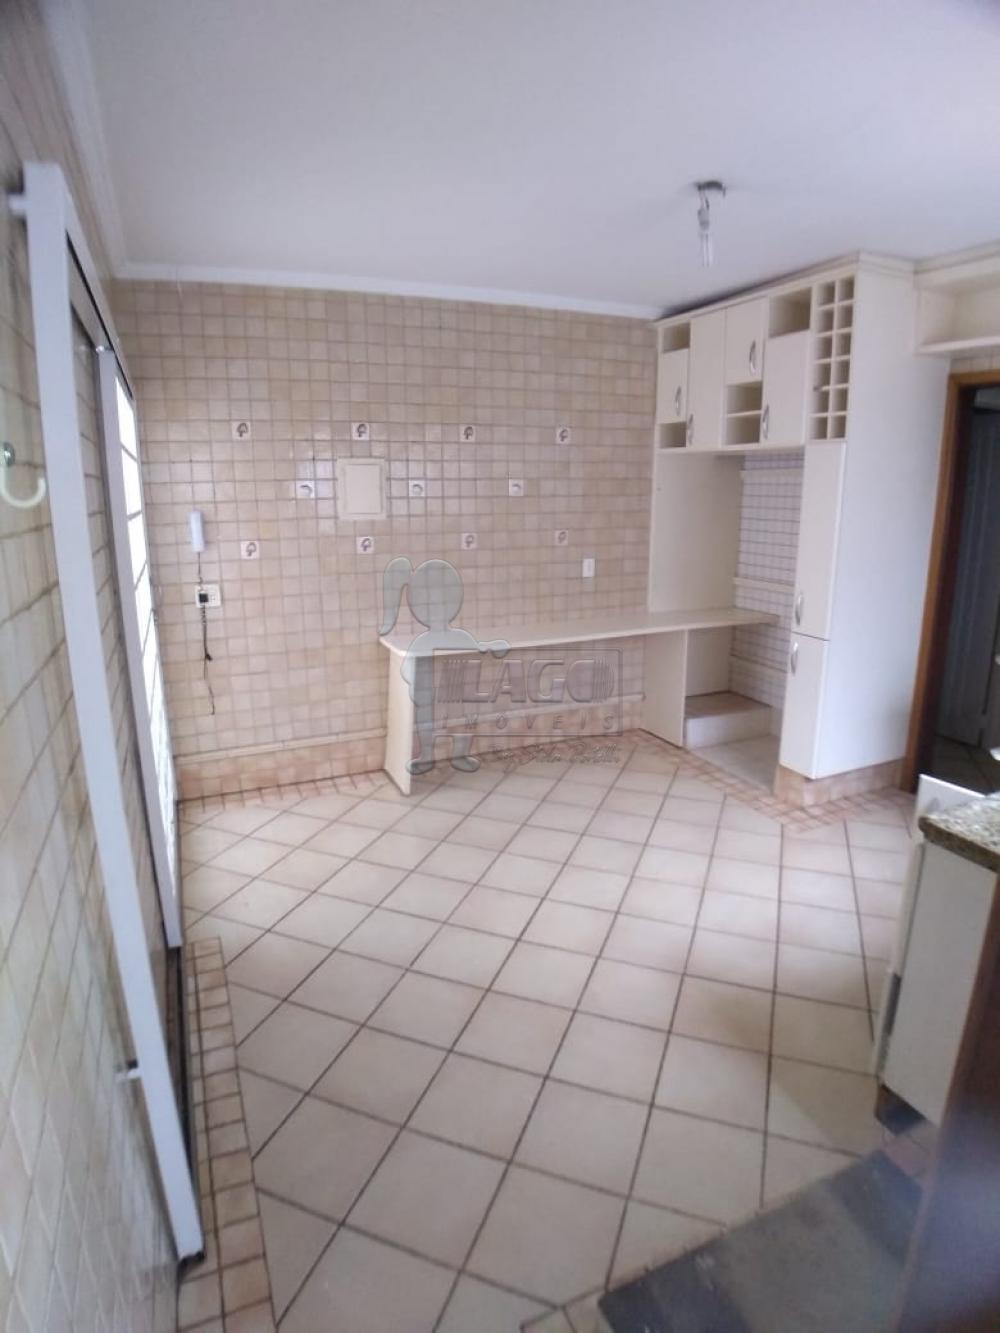 Alugar Casas / Condomínio em Ribeirão Preto apenas R$ 1.400,00 - Foto 18